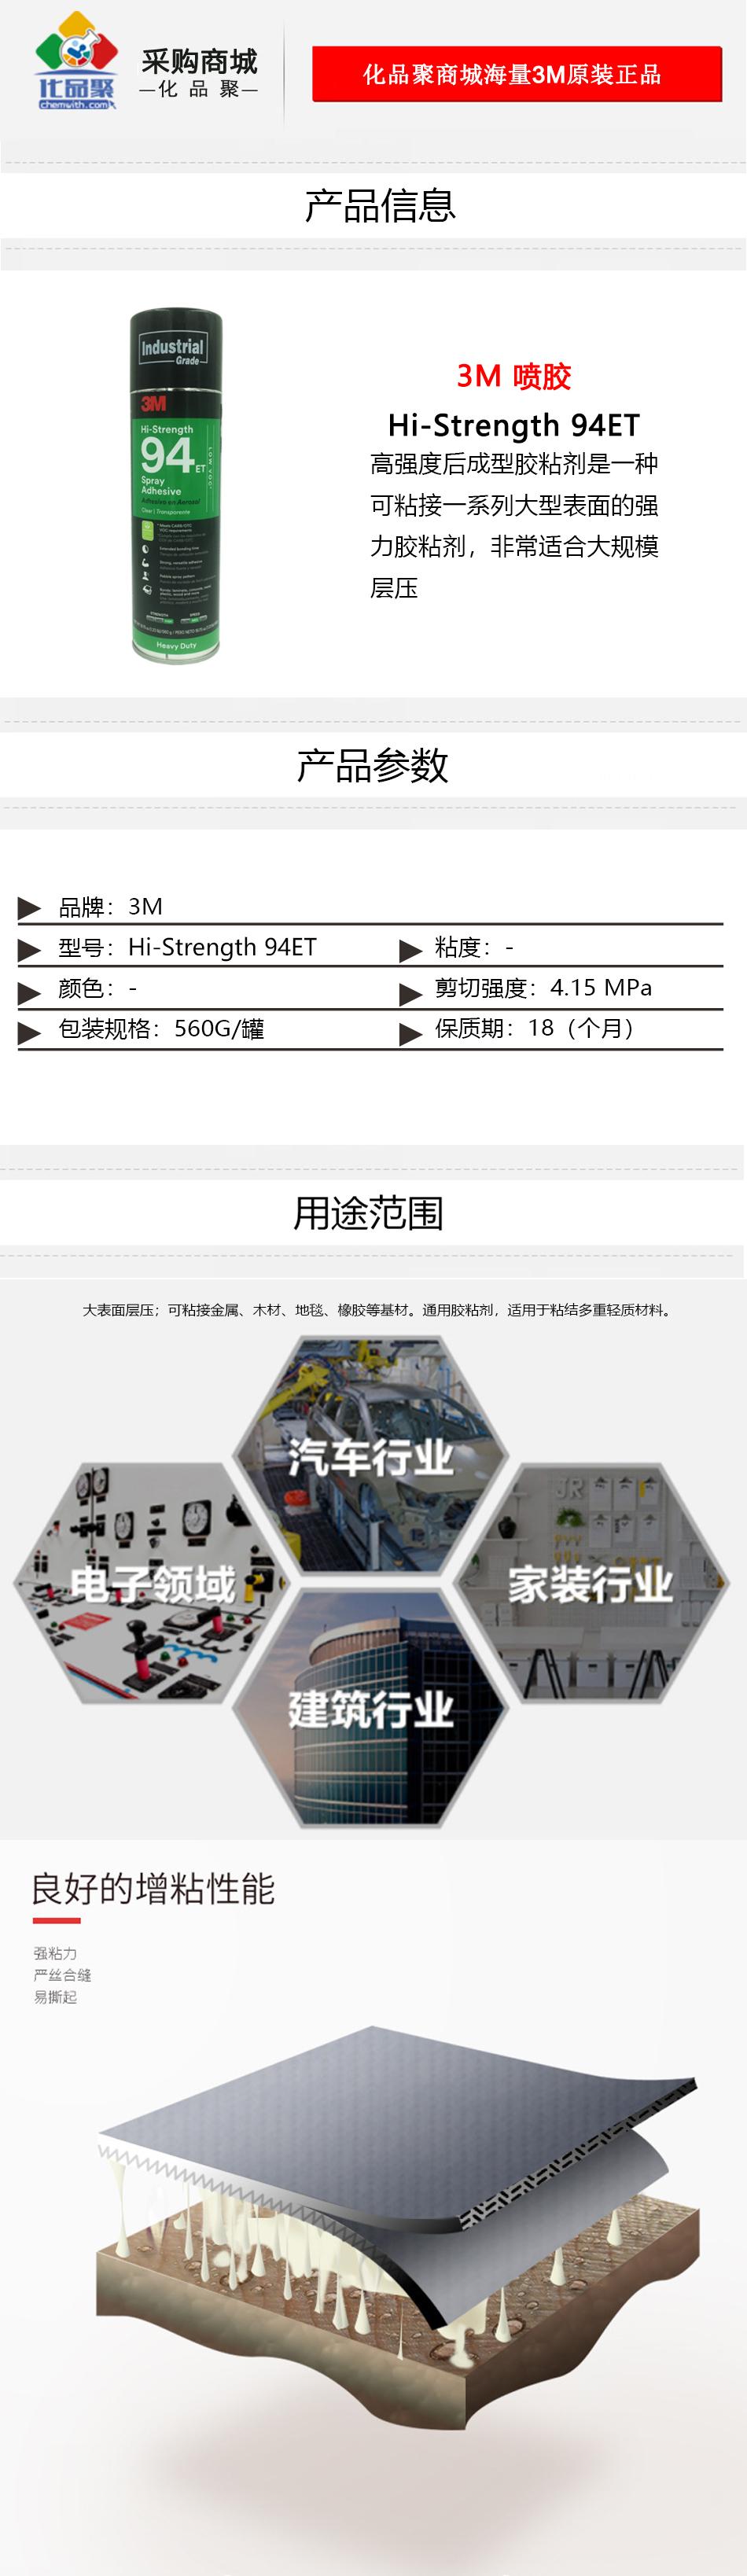 Hi-Strength 94ET详情页